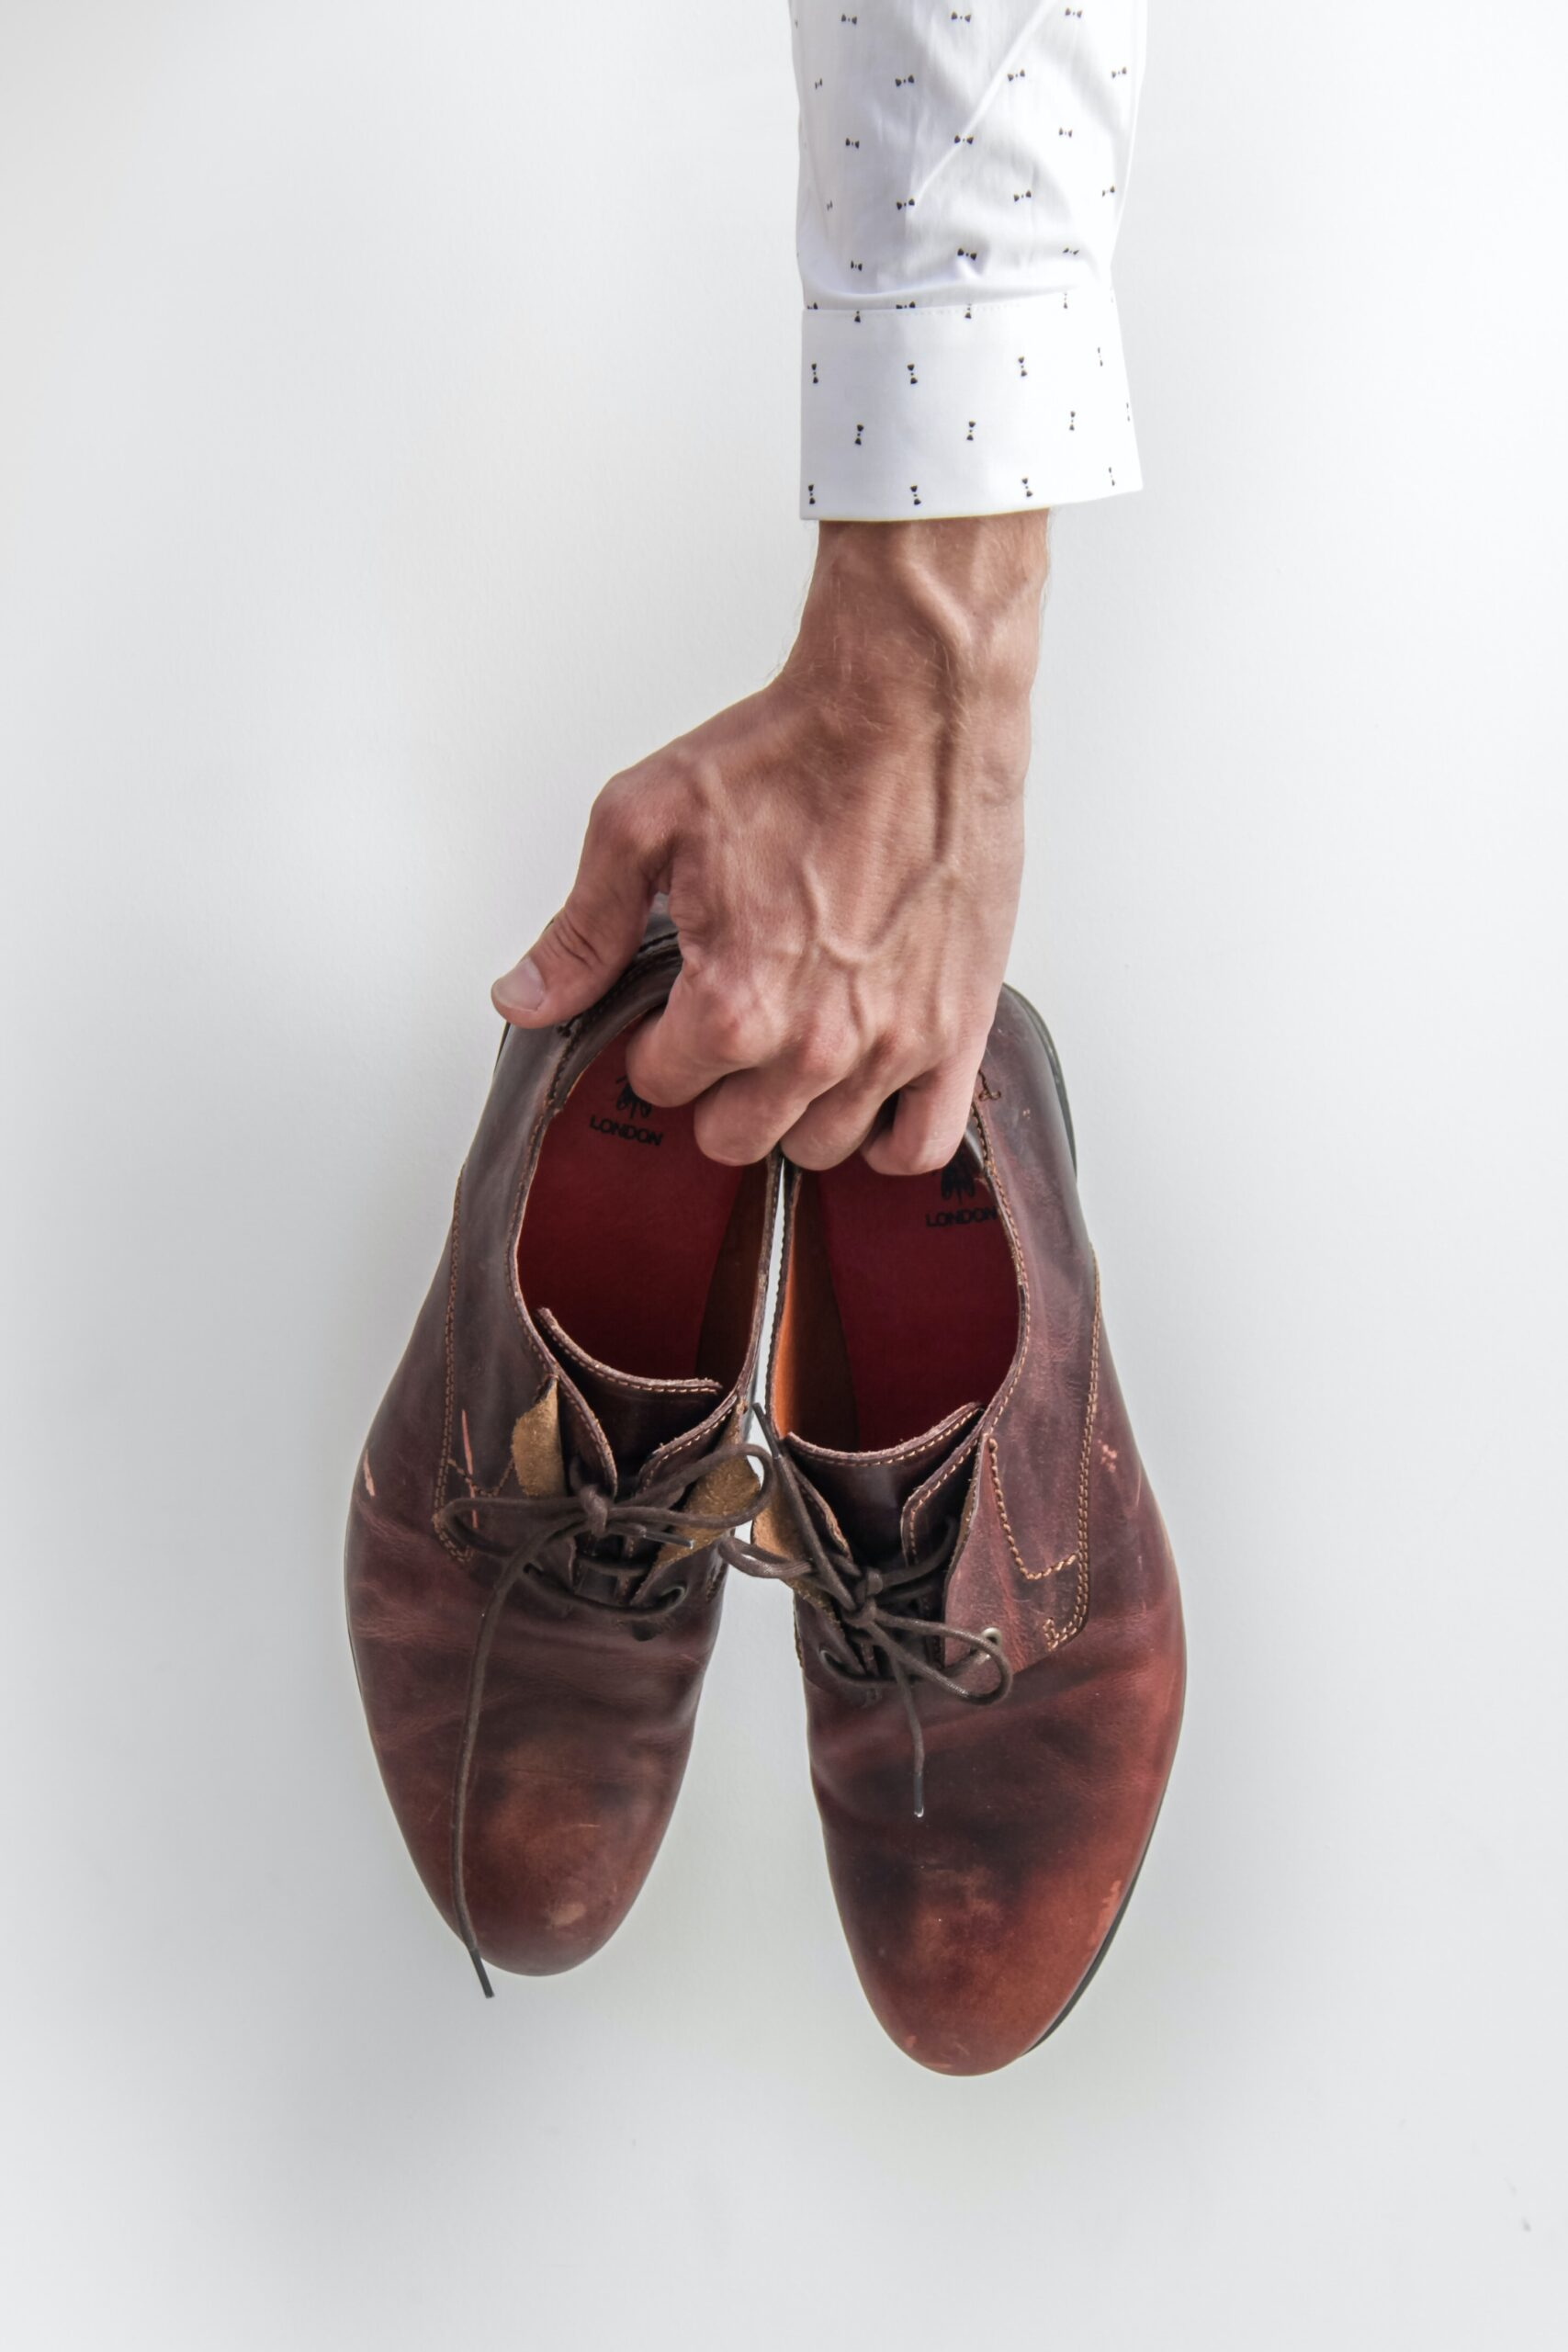 Boulder Shoe Repair for high quality repairs in Boulder, Colorado